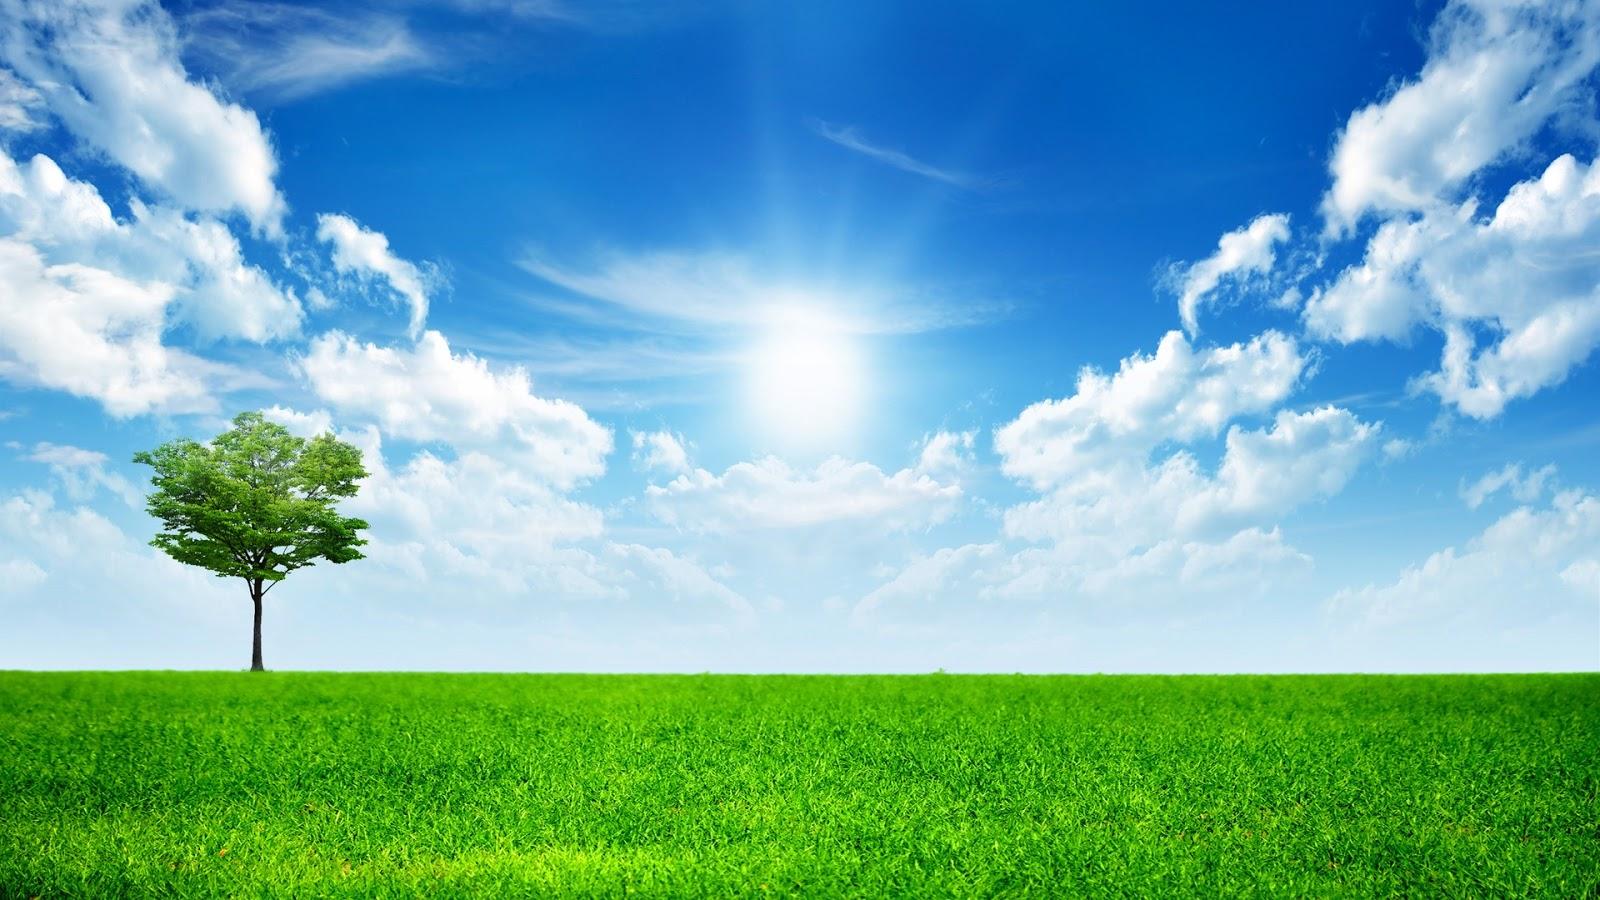 Latest Hd Wallpapers Green Grass 1080p Hd Wallpaper